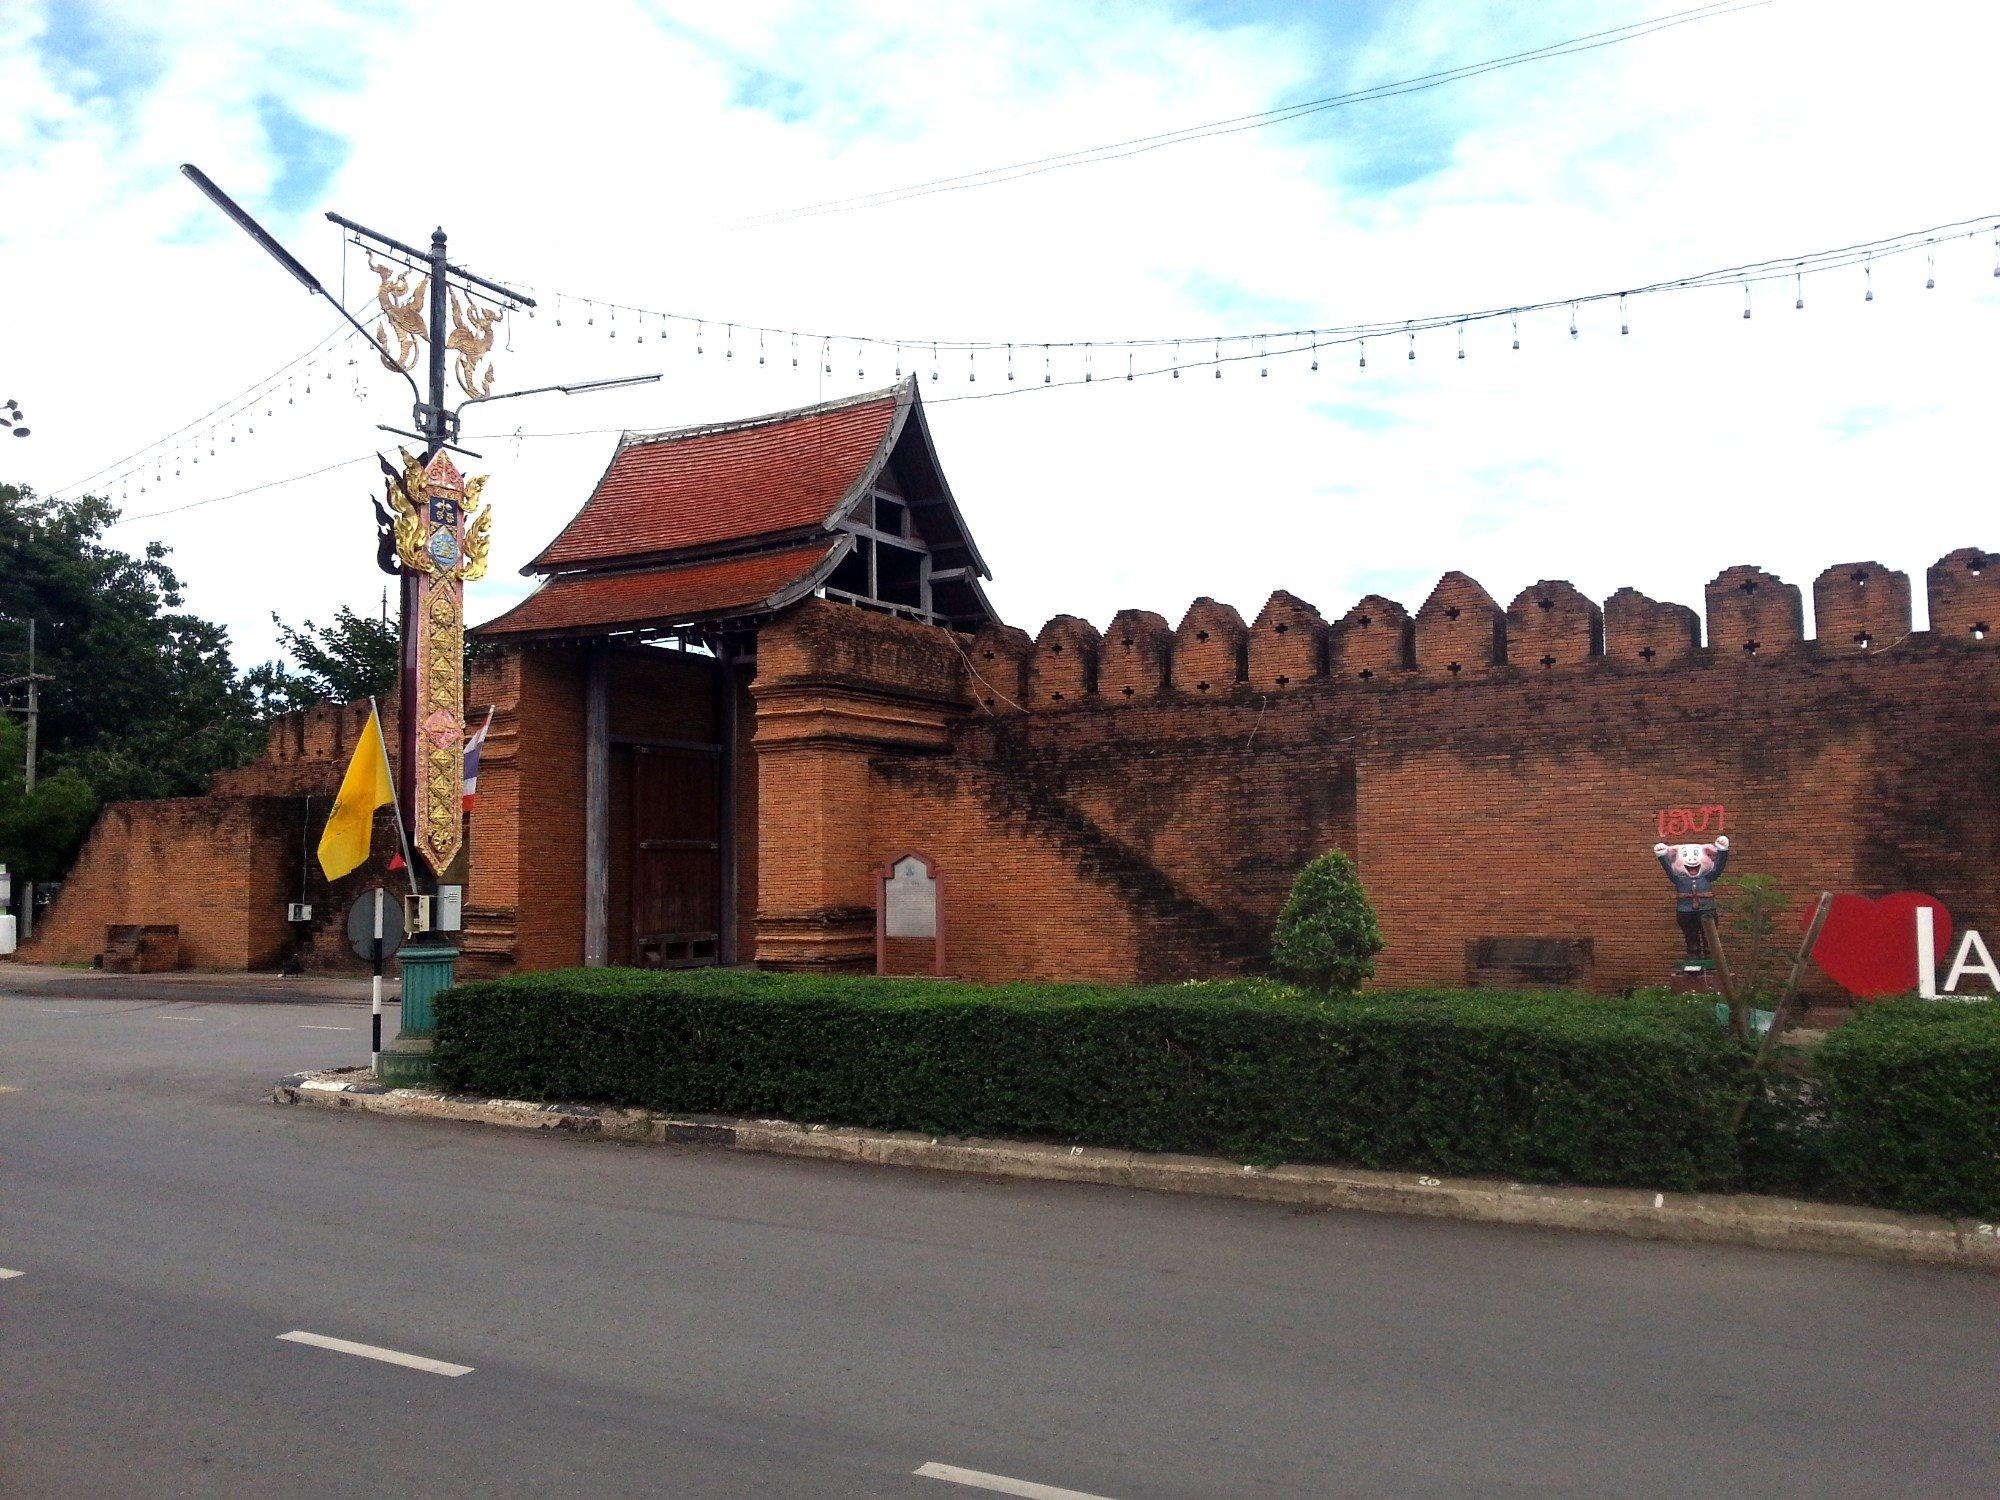 Lamphun City Walls